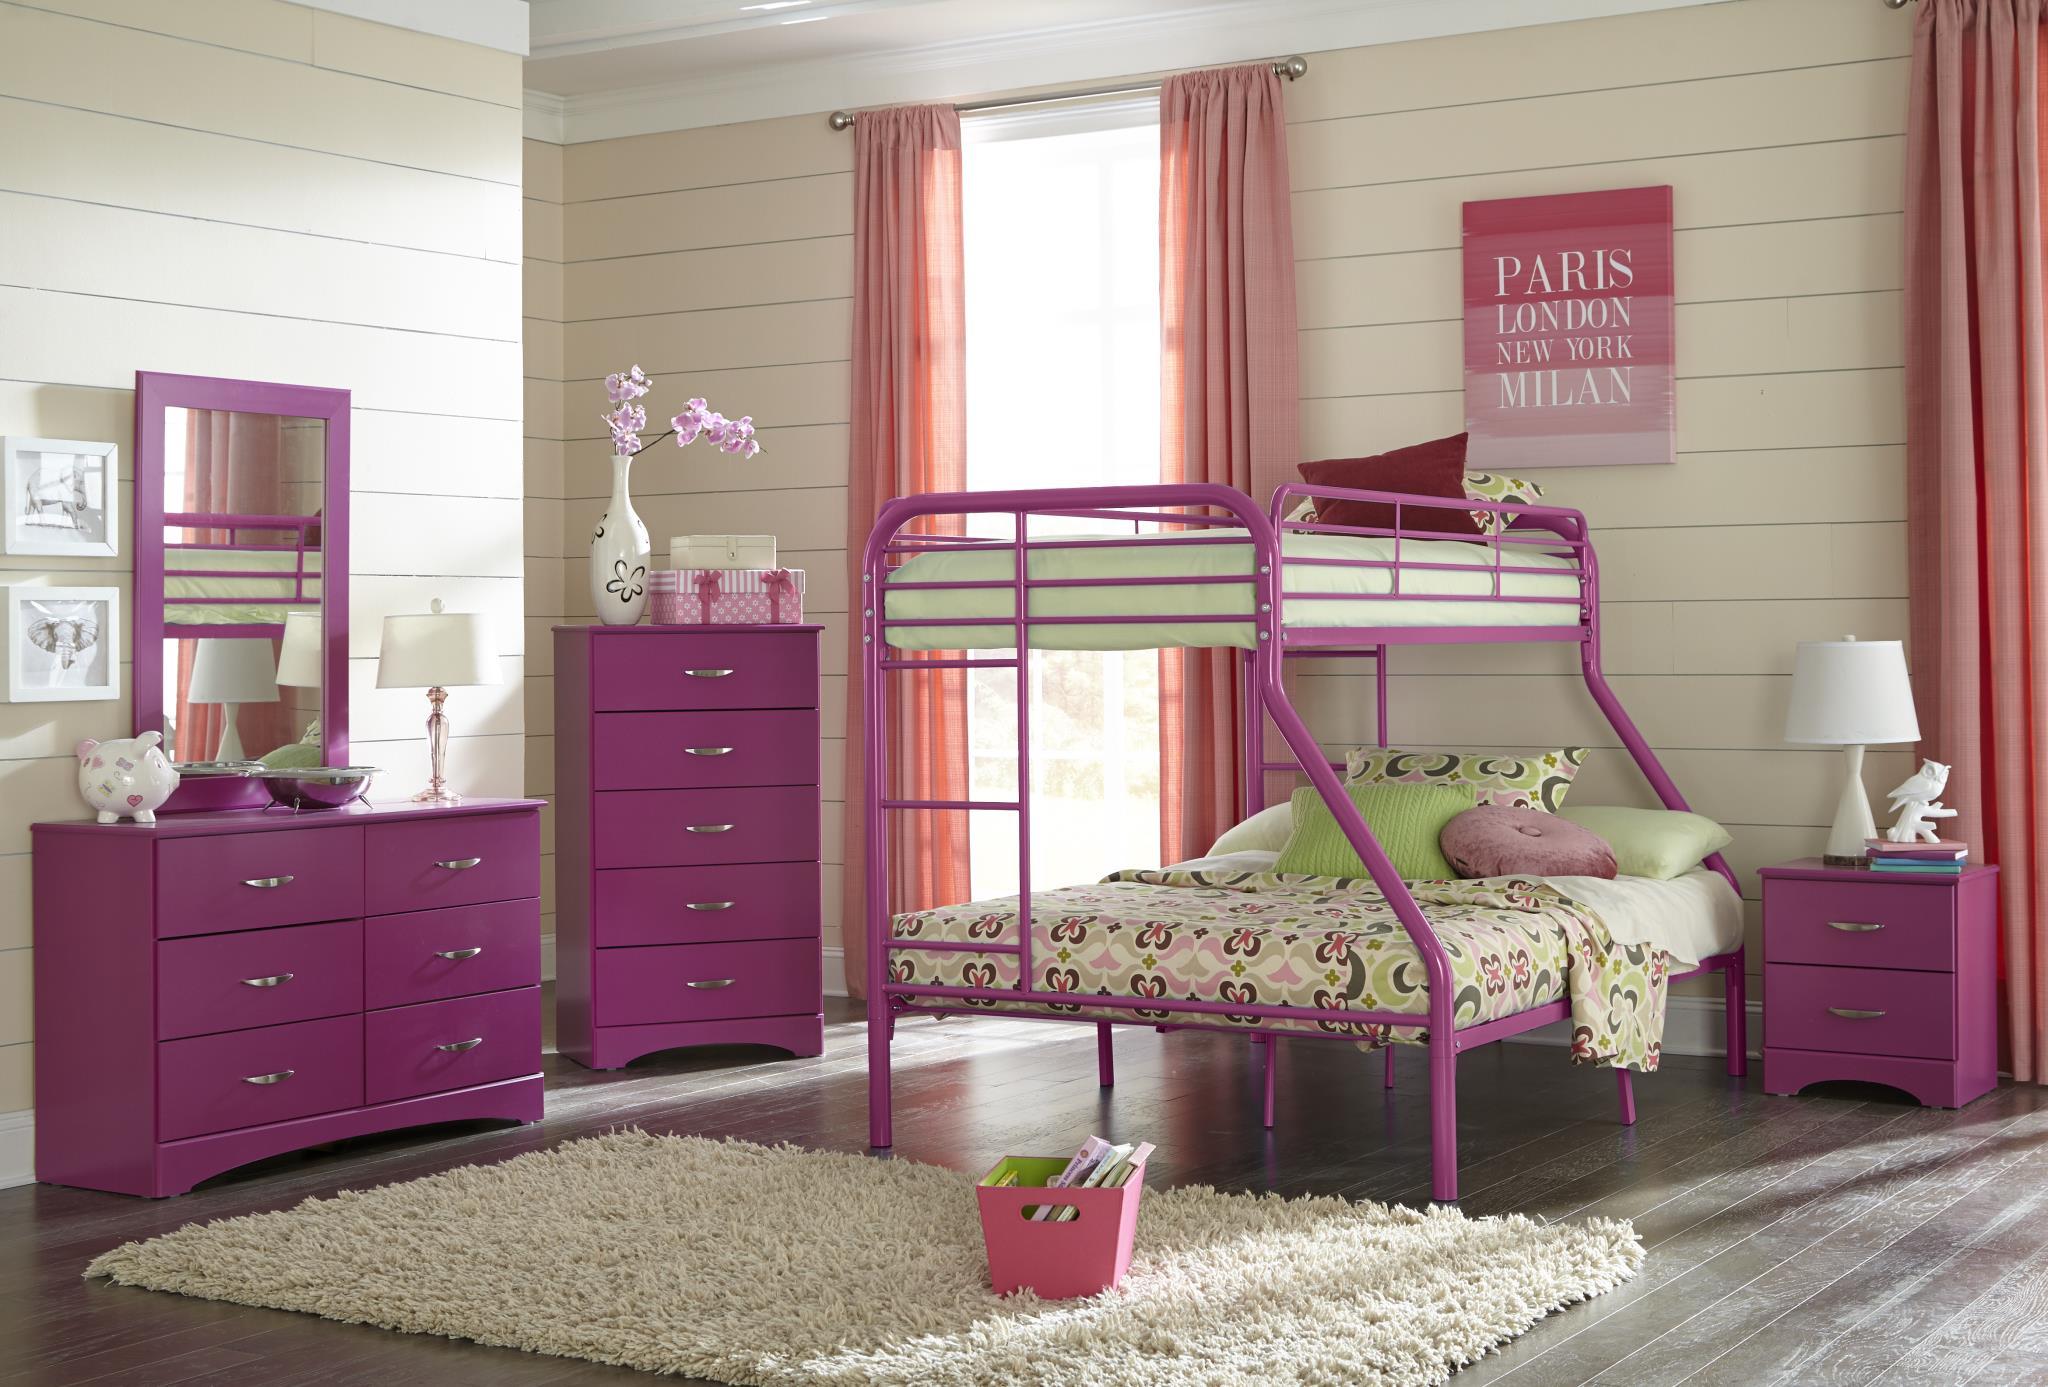 Bedroom Suite, Bunk Beds